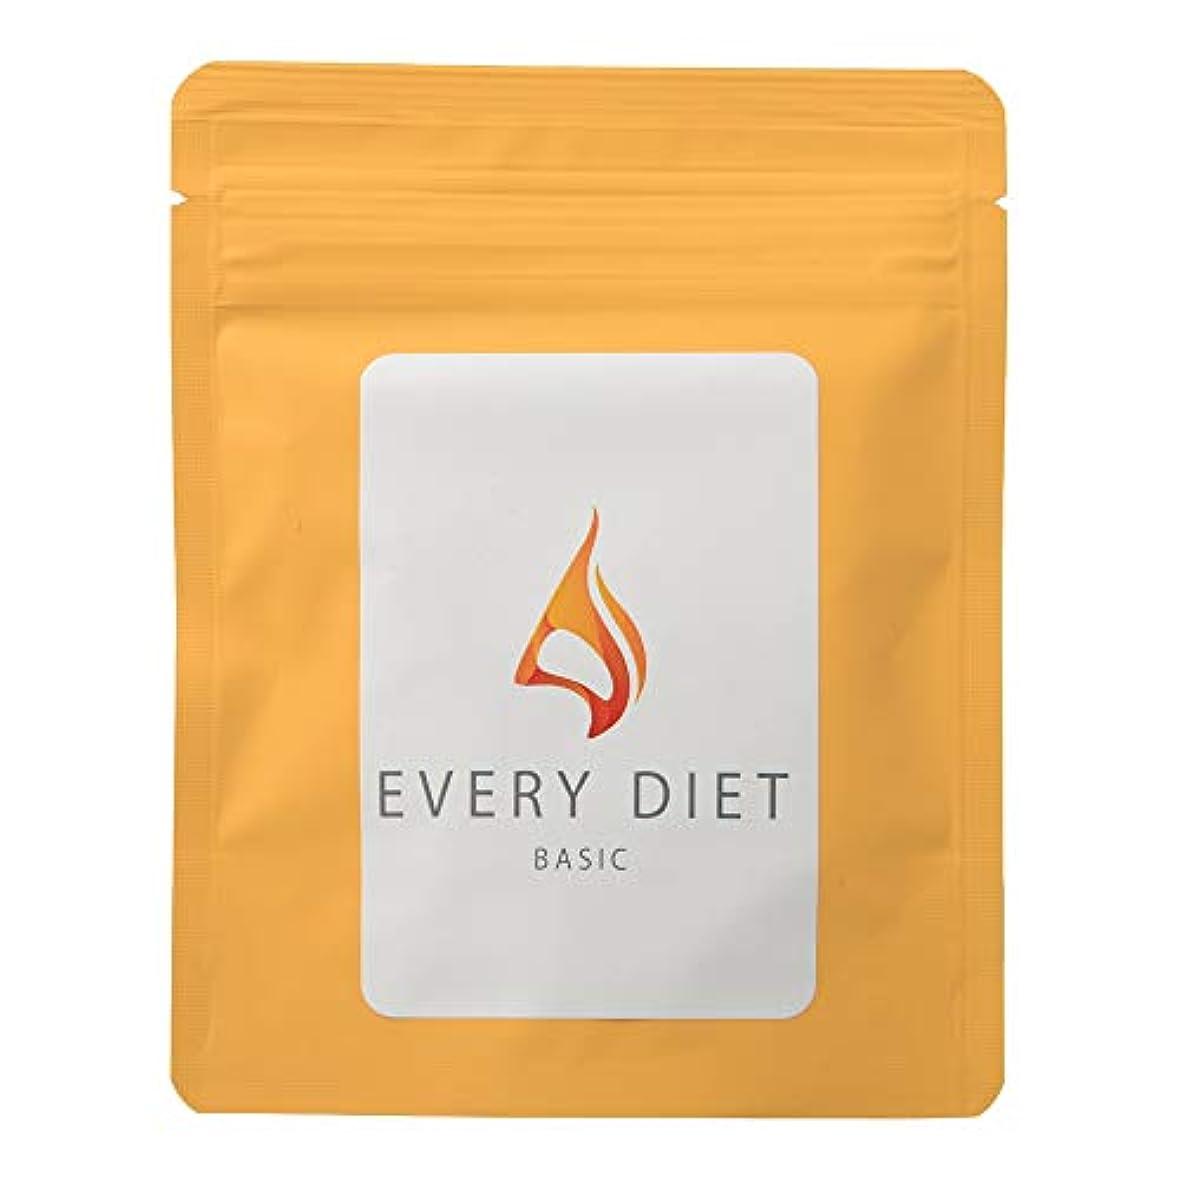 簡単に代理店発症Every Diet Basic (エブリダイエット ベーシック) ダイエット サプリメント [内容量60粒/ 説明書付き]